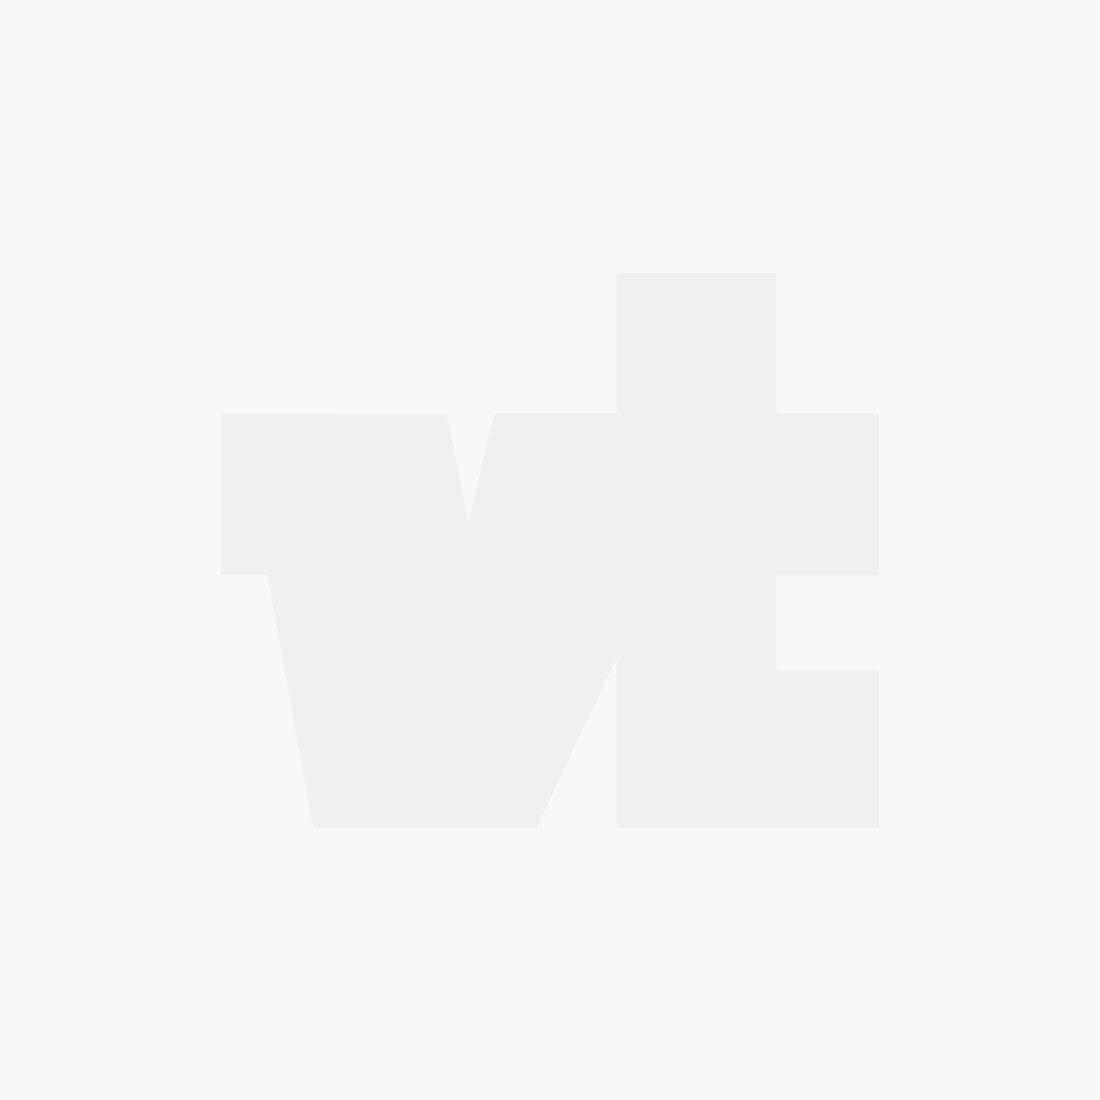 Core table turtle knit l\s black